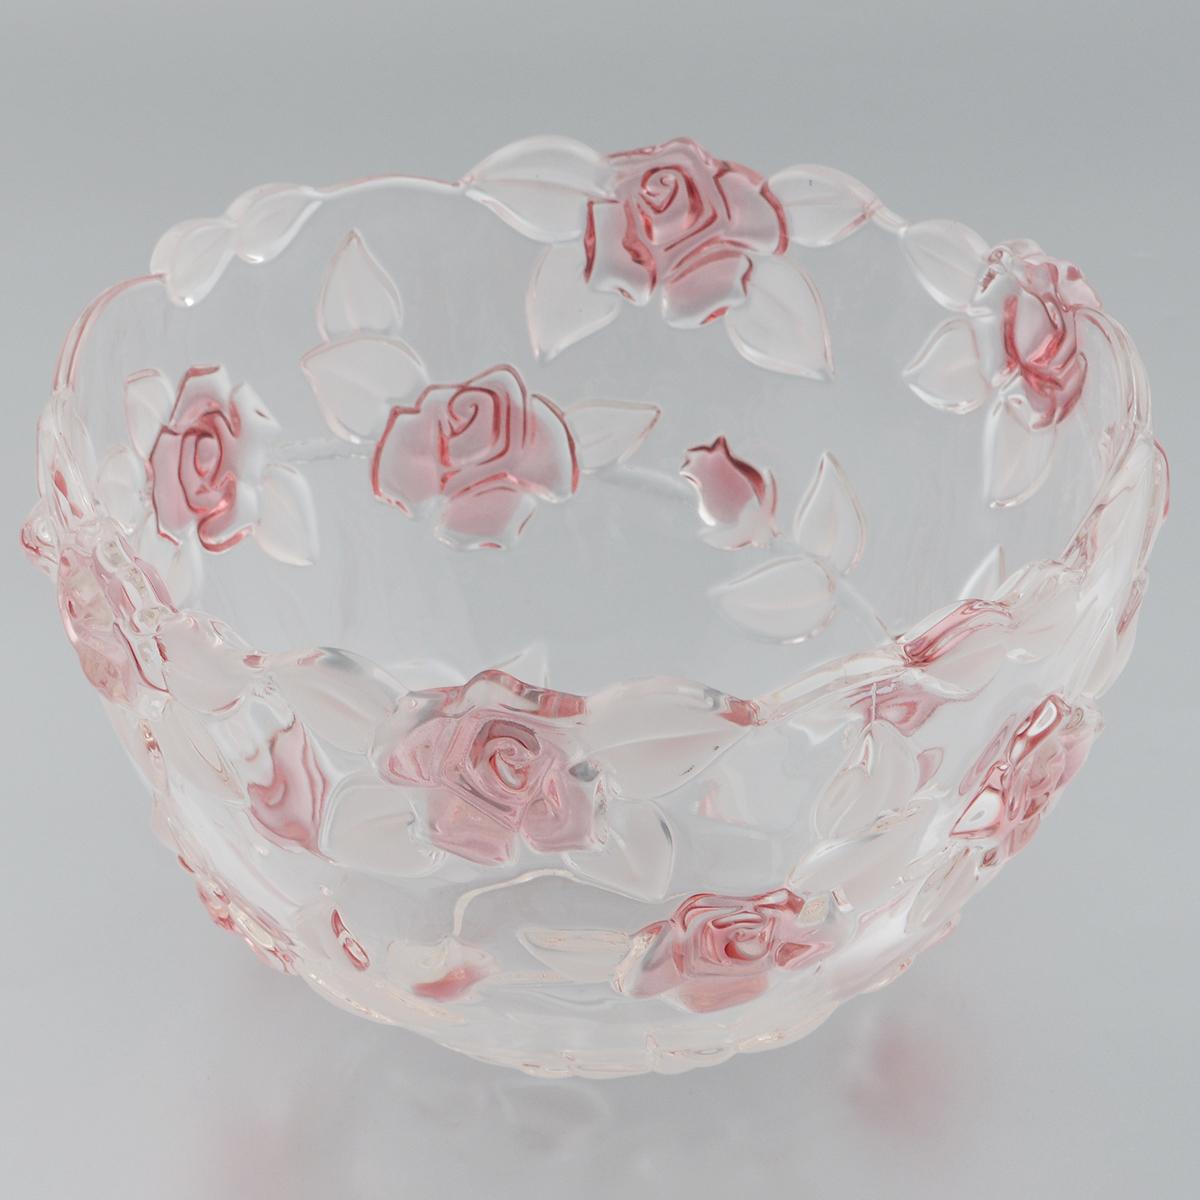 Салатник Walther-Glas Natascha, диаметр 22,5 см3775Салатник Walther-Glas Natascha выполнен из высококачественного толстого стекла и декорирован рельефом в форме цветов. Салатник имеет волнистые края, что, несомненно, понравится любителям классического стиля. Такое блюдо украсит ваш праздничный или обеденный стол, а яркое оформление понравится любой хозяйке.Применять только мягкие моющие средства и избегать мытья в посудомоечной машине.